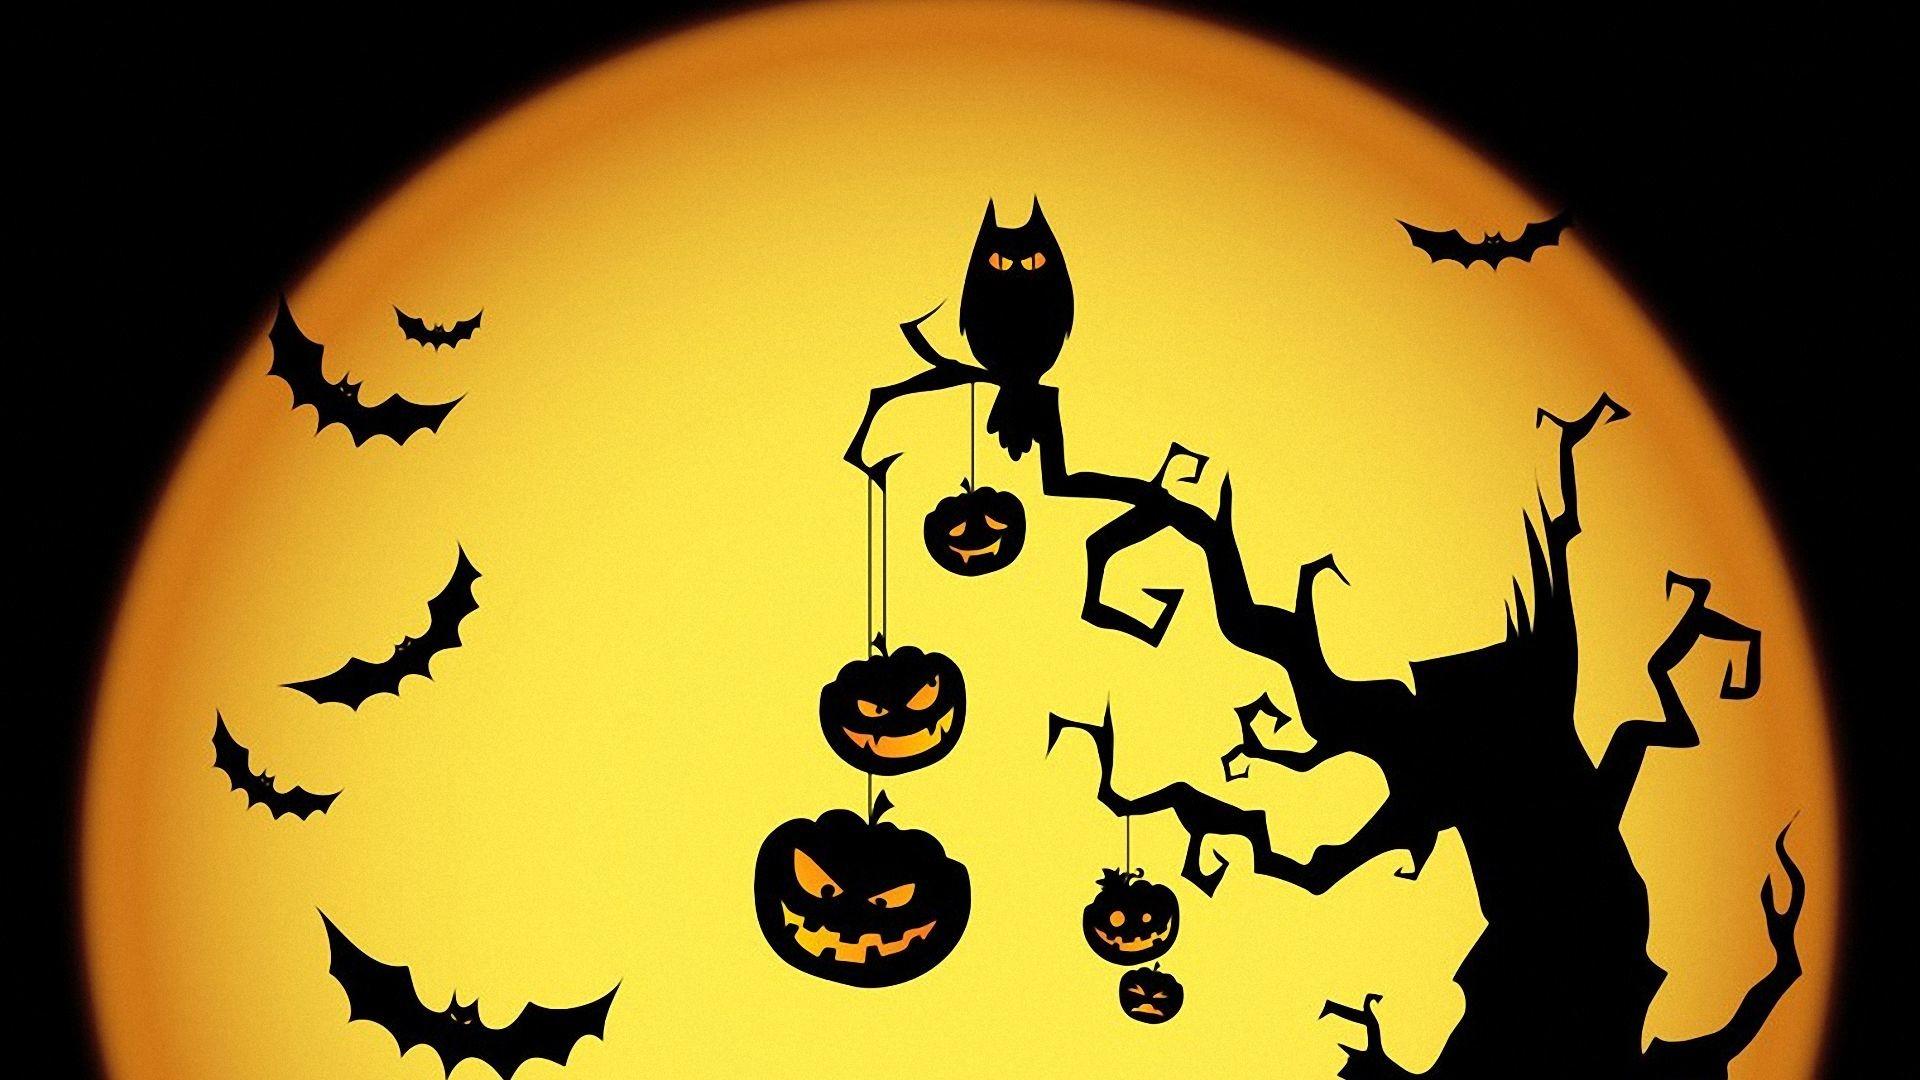 … Halloween Wallpaper Images (03) …